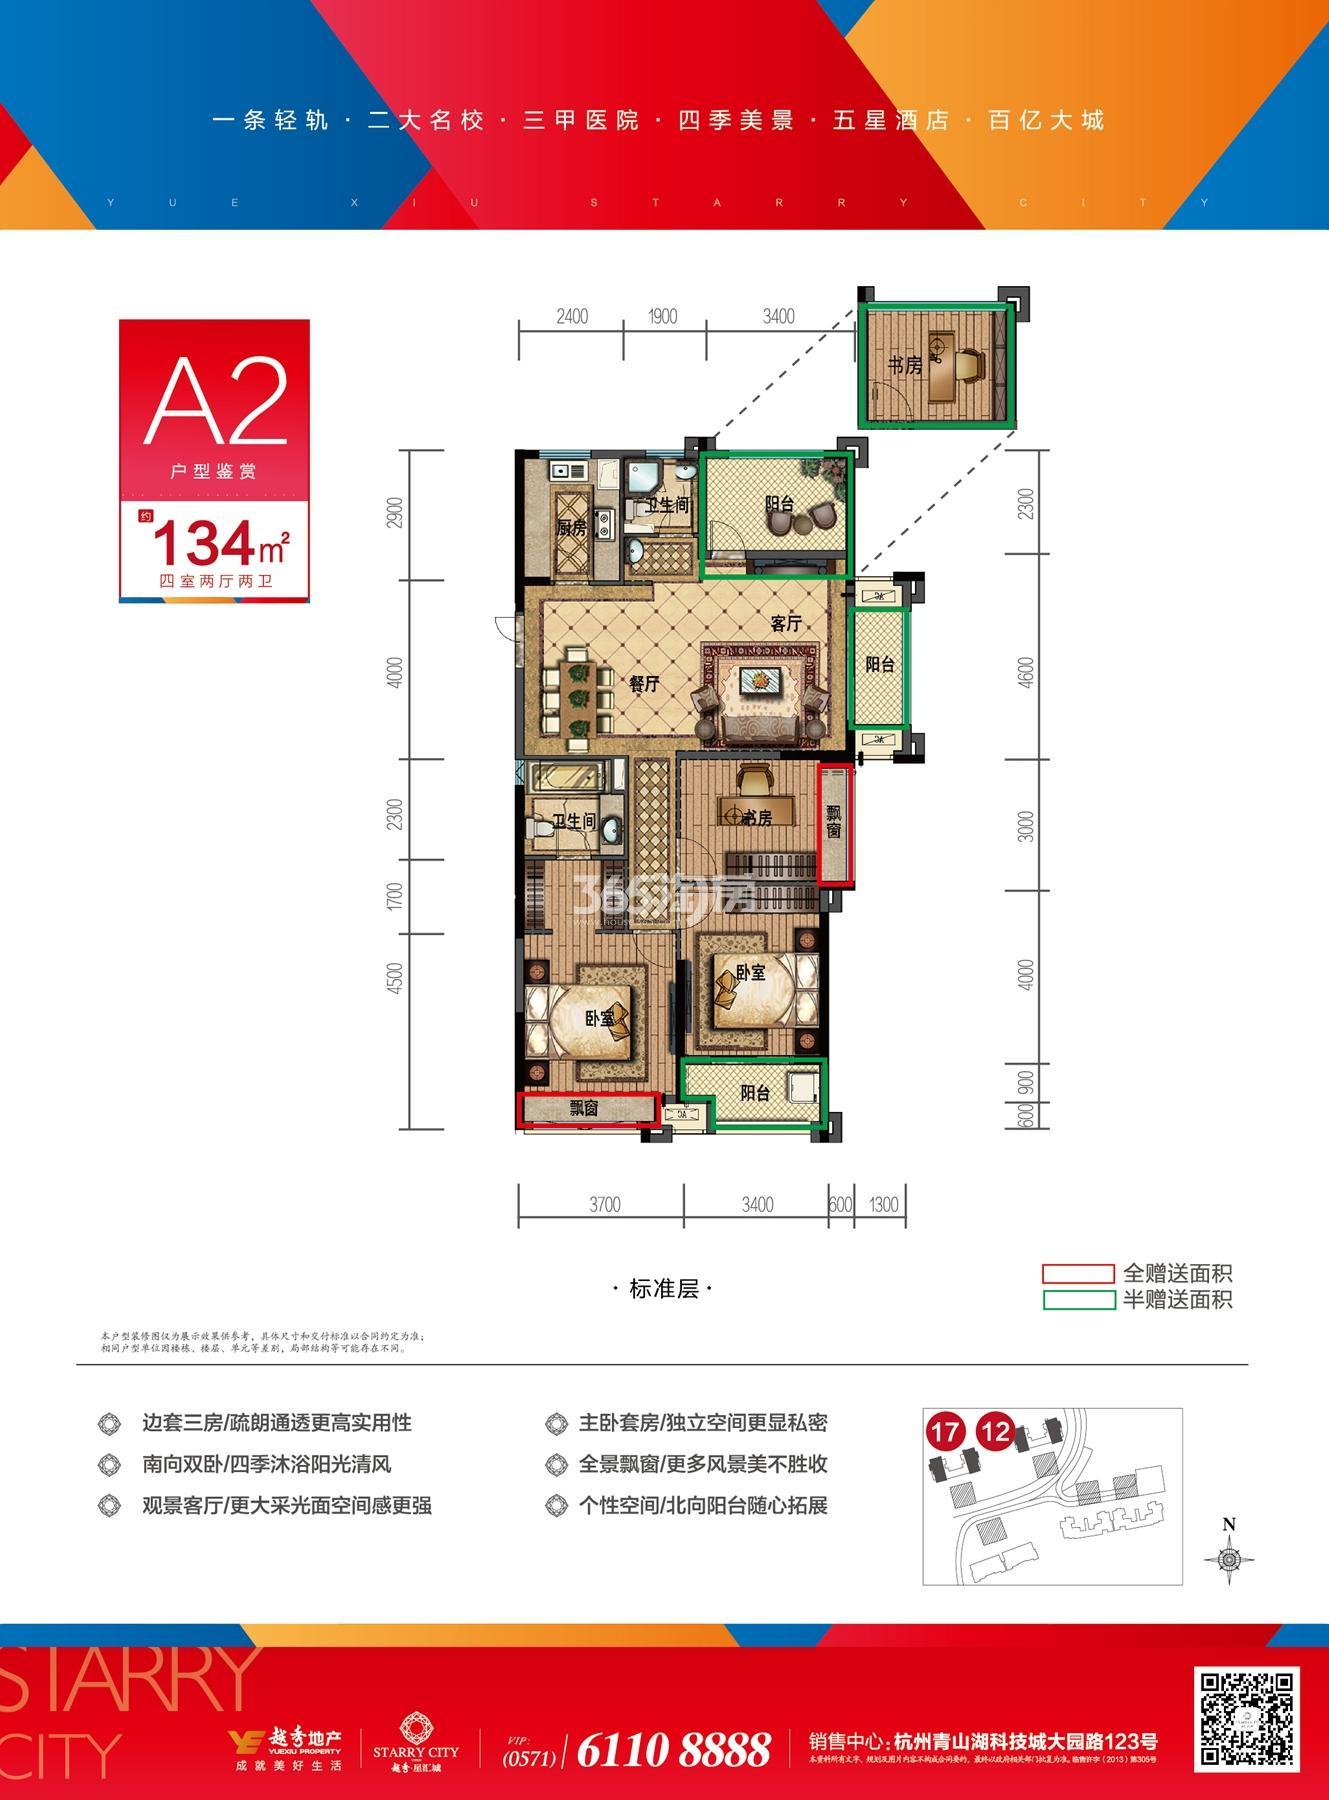 越秀星汇城A2户型134方 (12、17号楼)